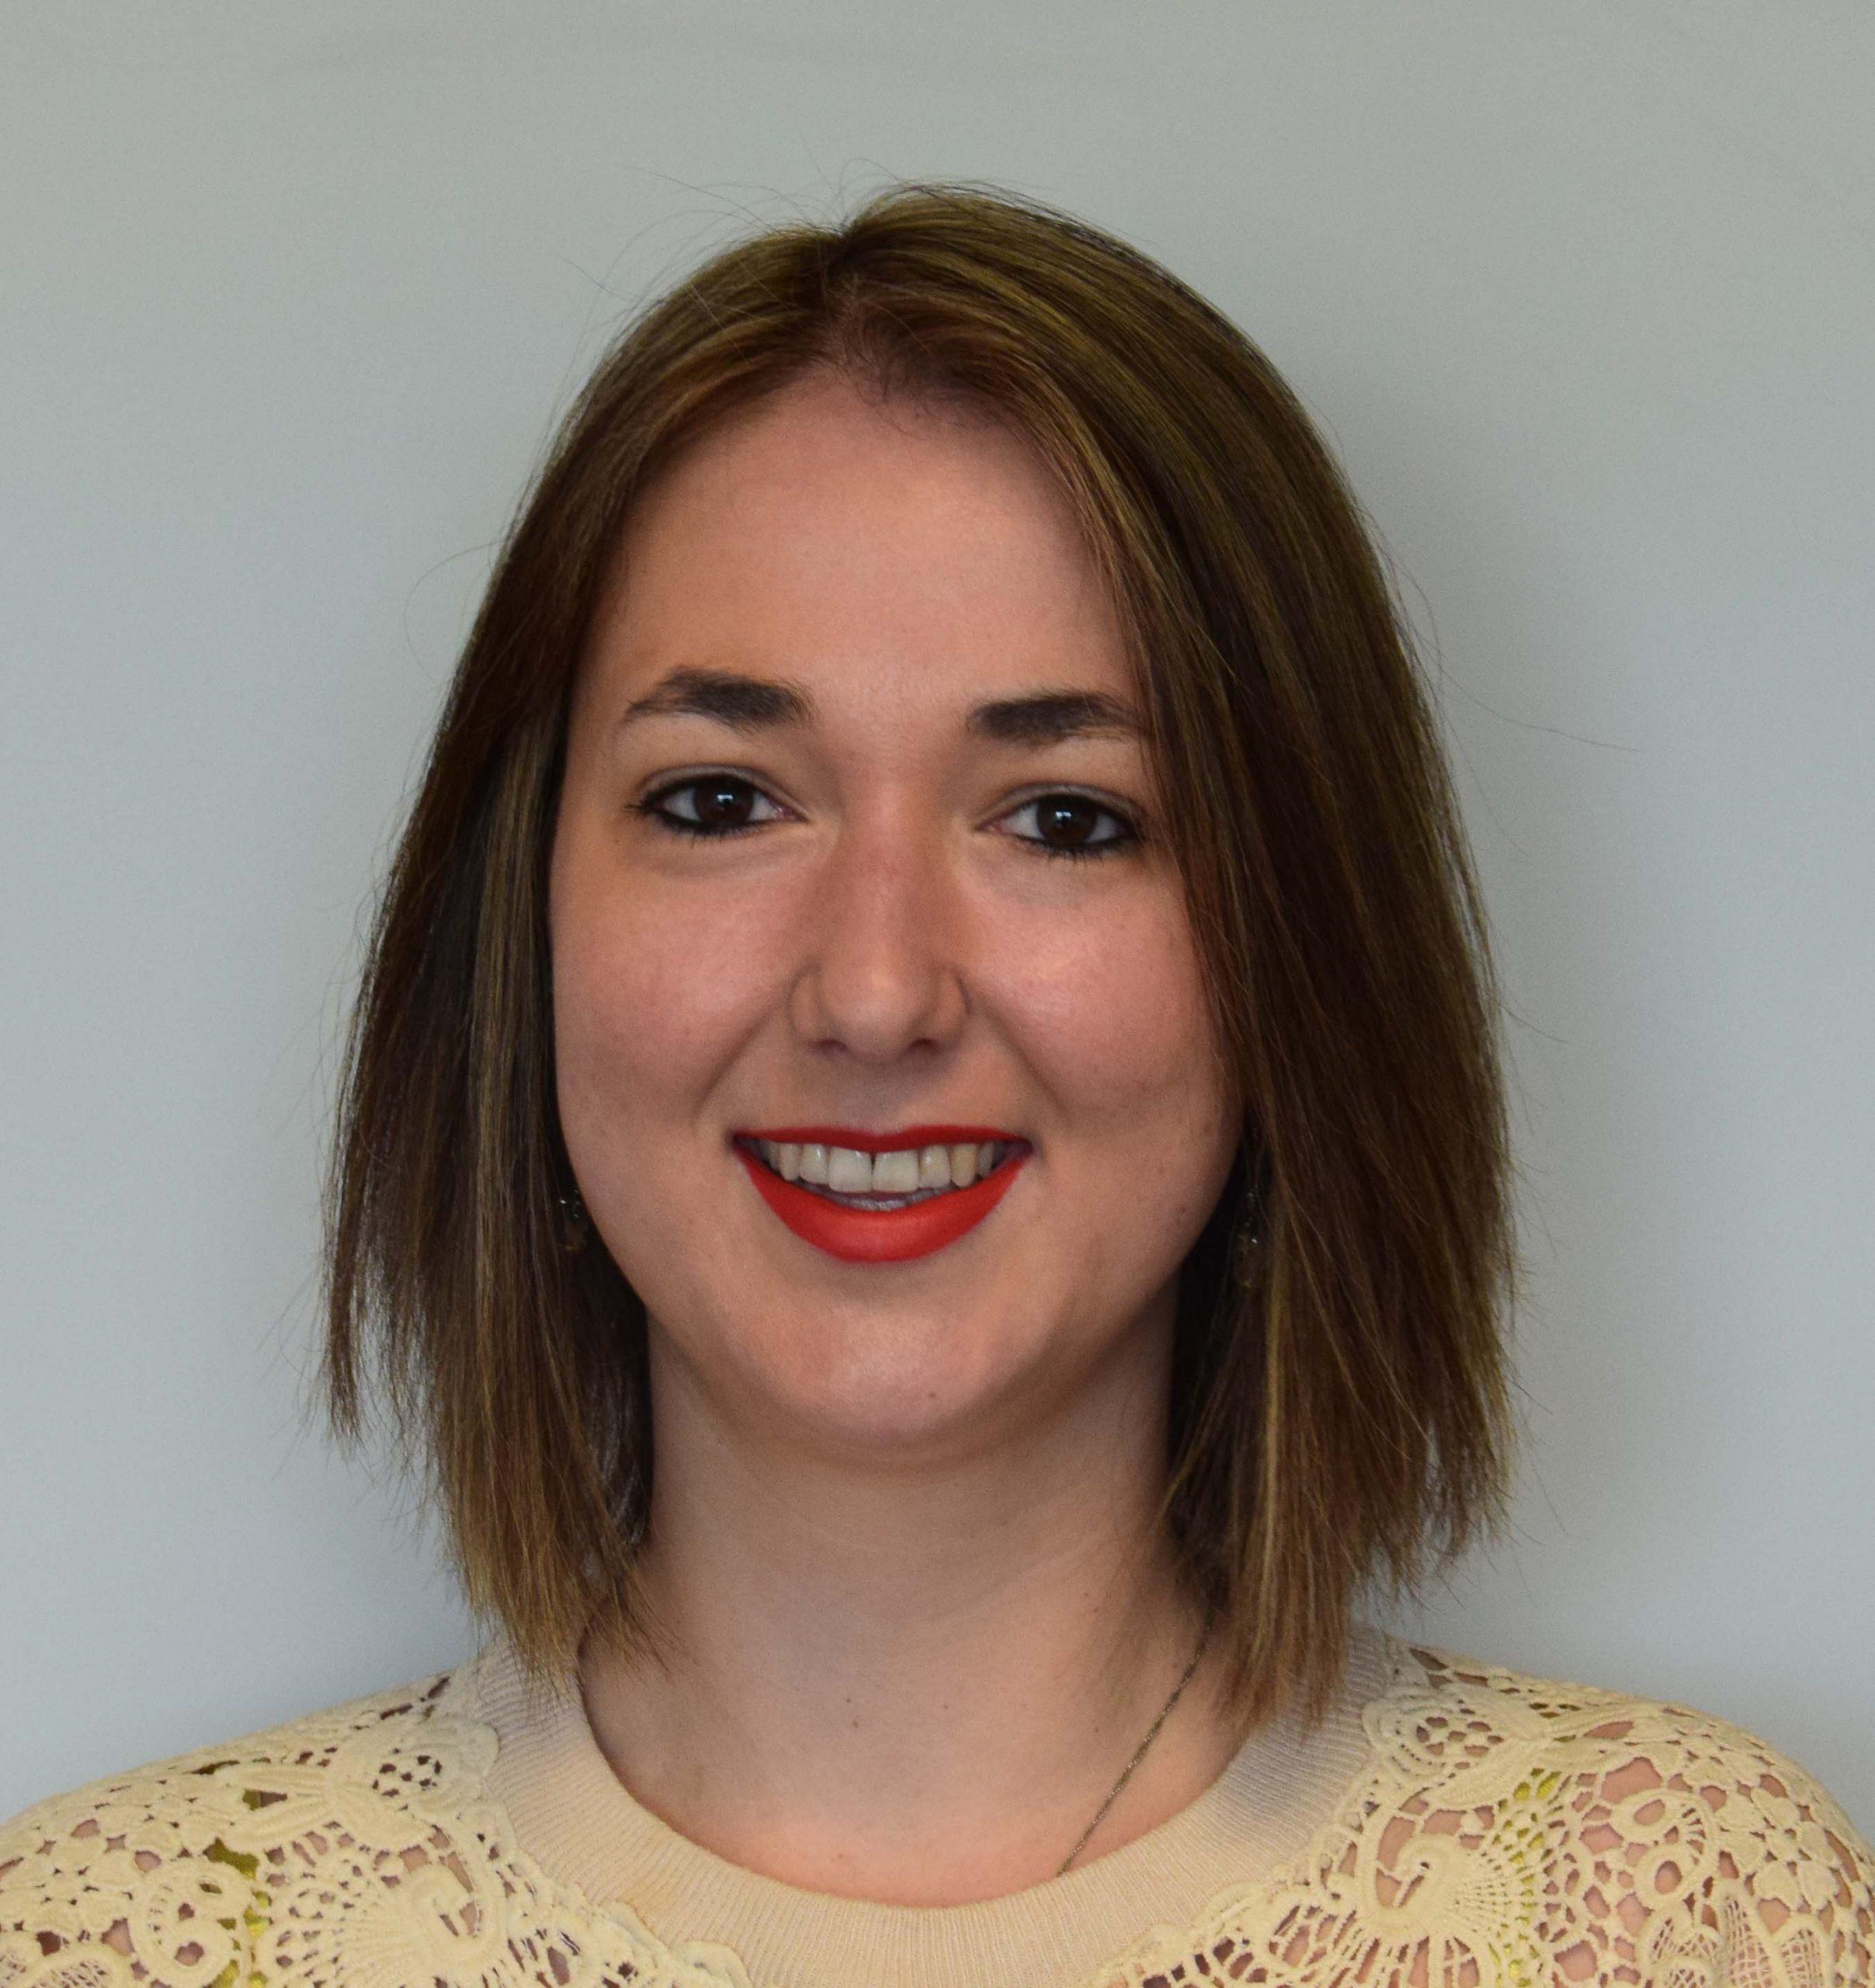 Michèle is onze nieuwste aanwinst op de commerciële binnendienst